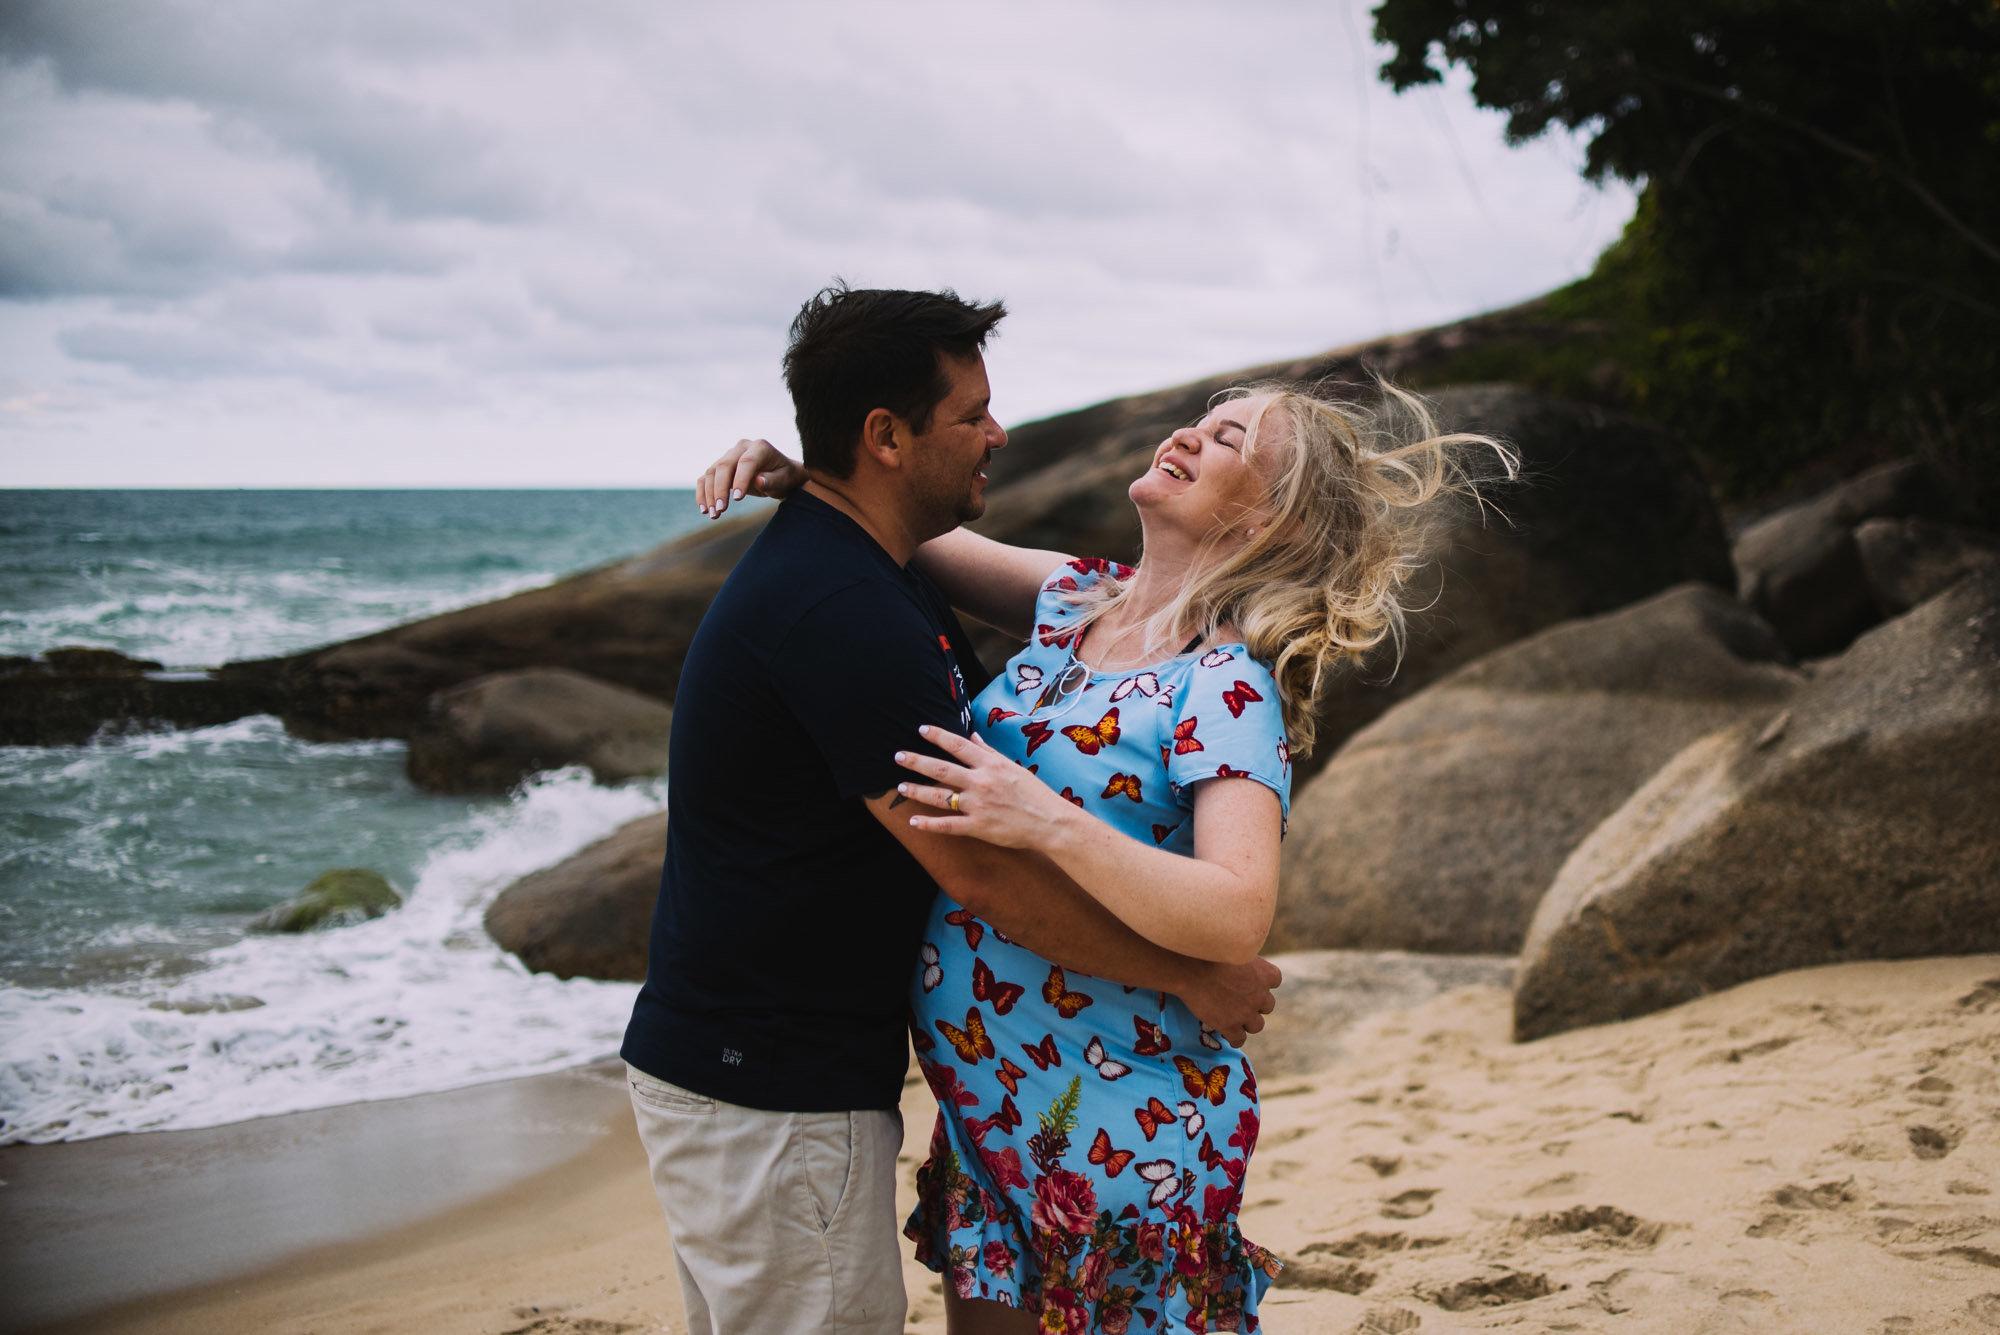 melhores fotos de grávida na praia